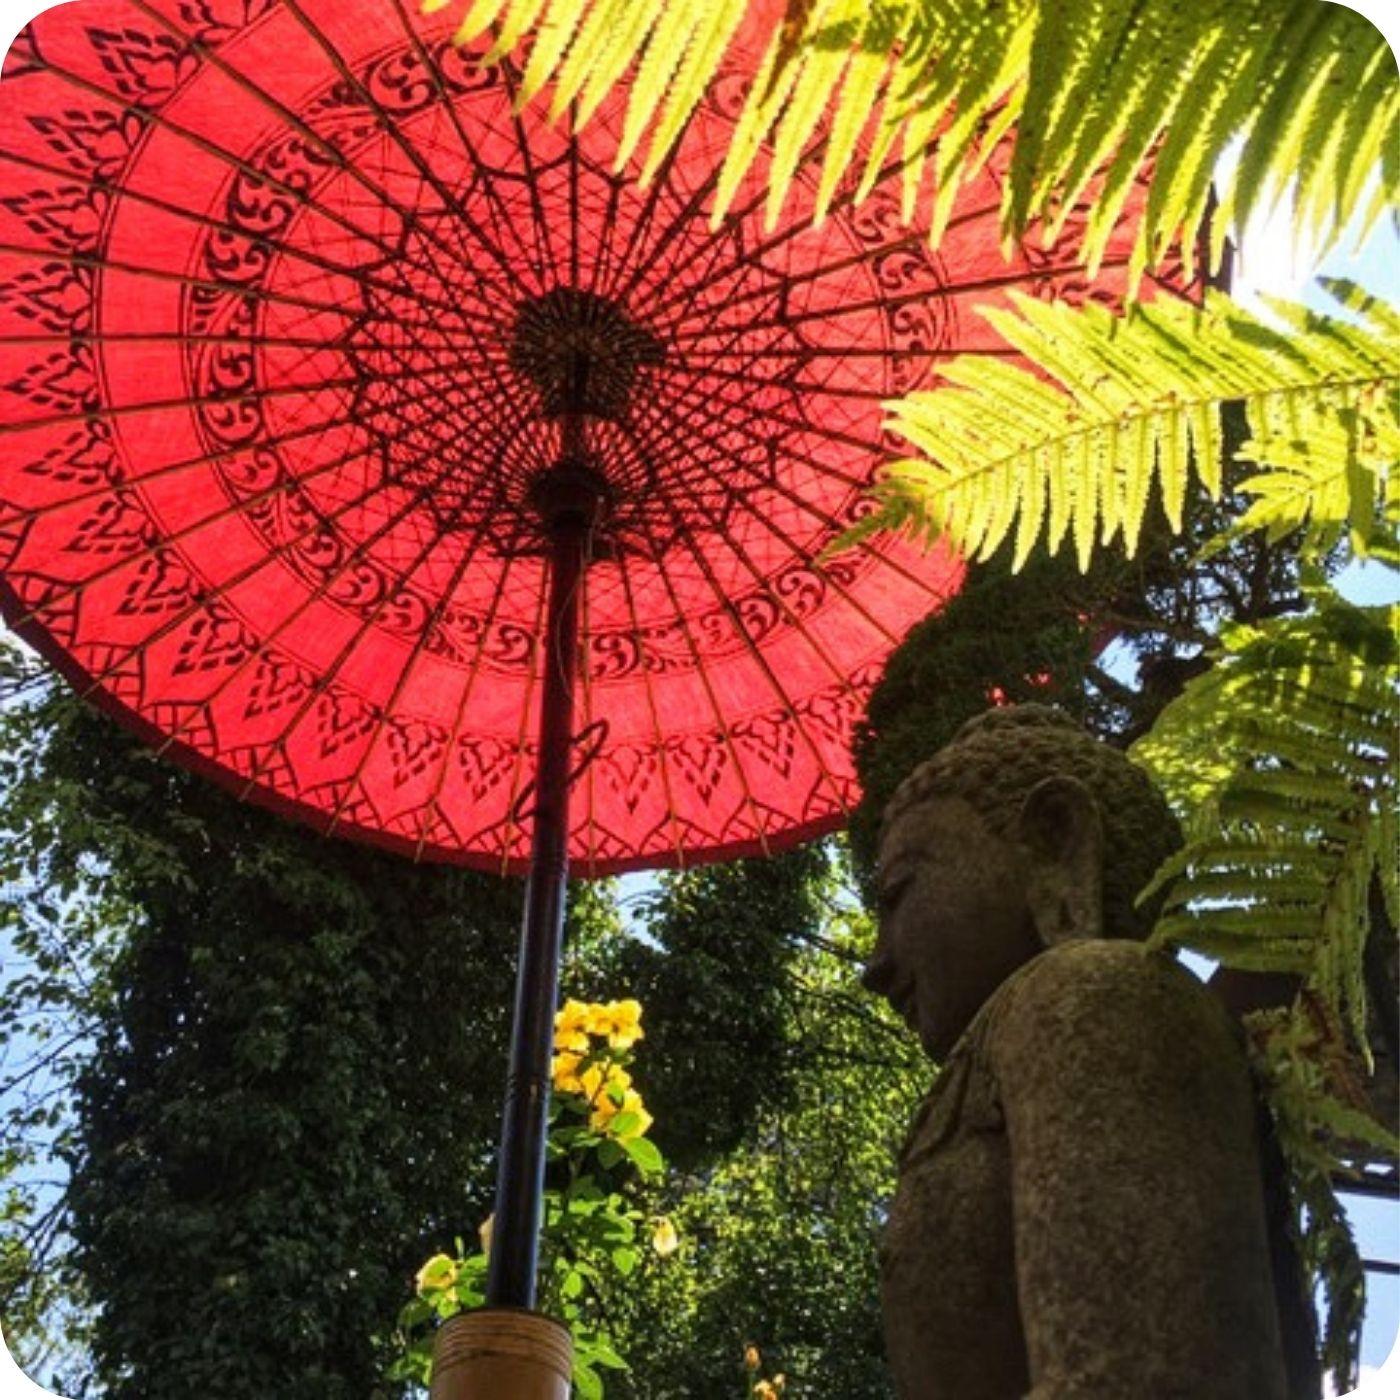 Sonnenschirm-Skulptur